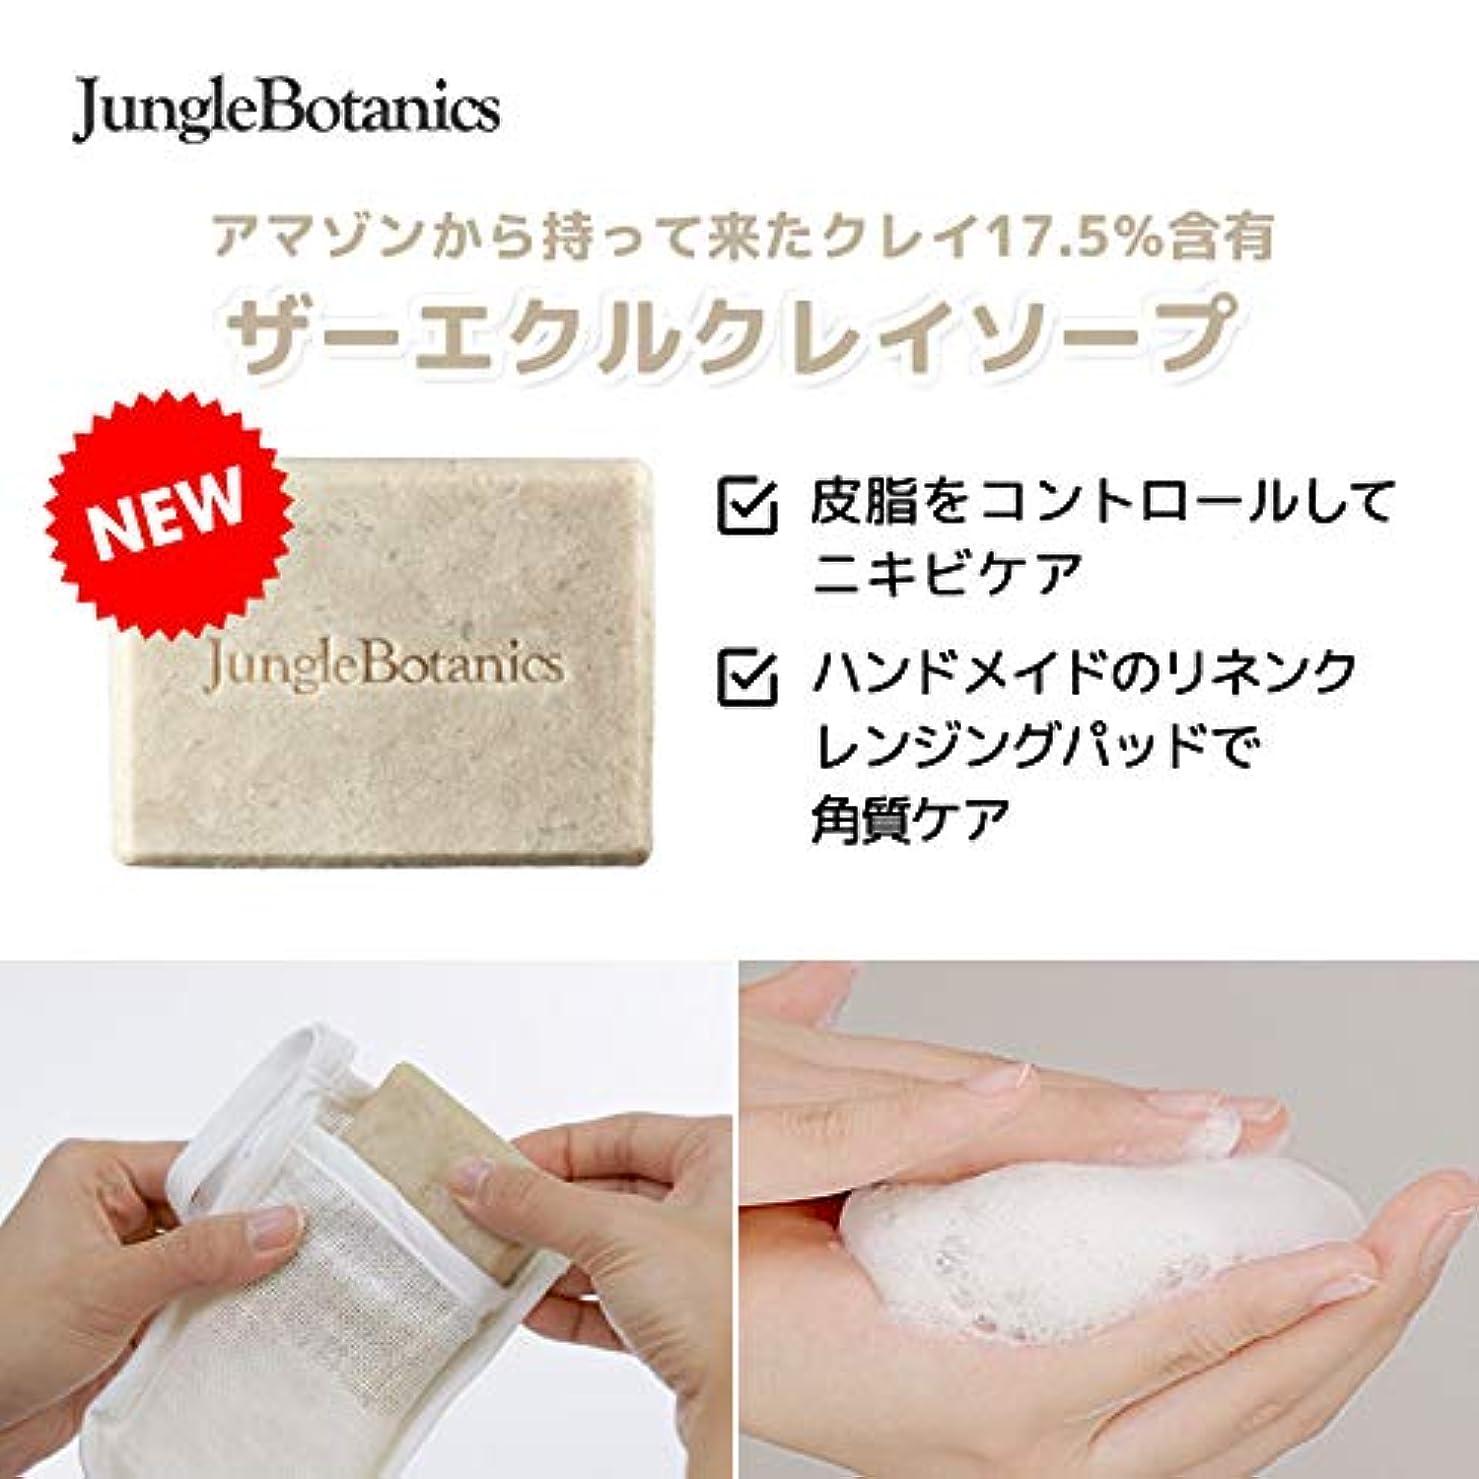 恨み払い戻し勃起[JUNGLE BOTANICS] ザーエクルクレイソープ110g, [JUNGLE BOTANICS] The Ecru Clay Soap 110g [並行輸入品] …